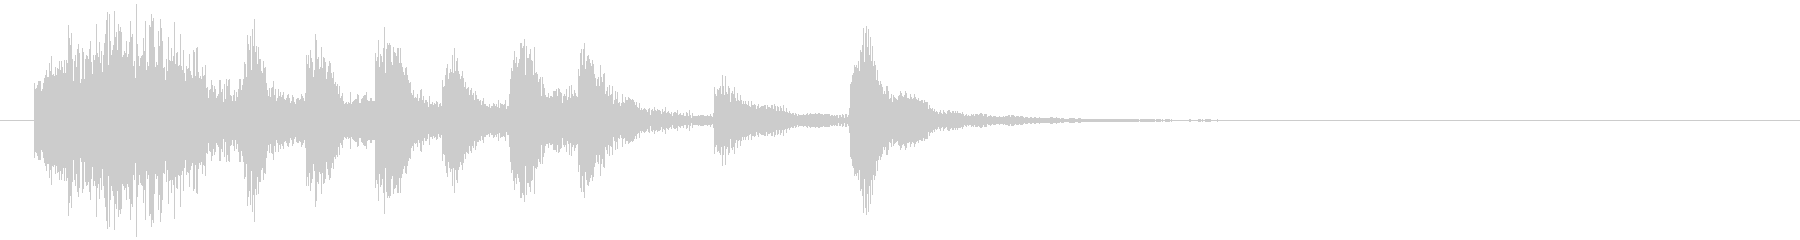 のほほんジングル036_かわいい-3の未再生の波形